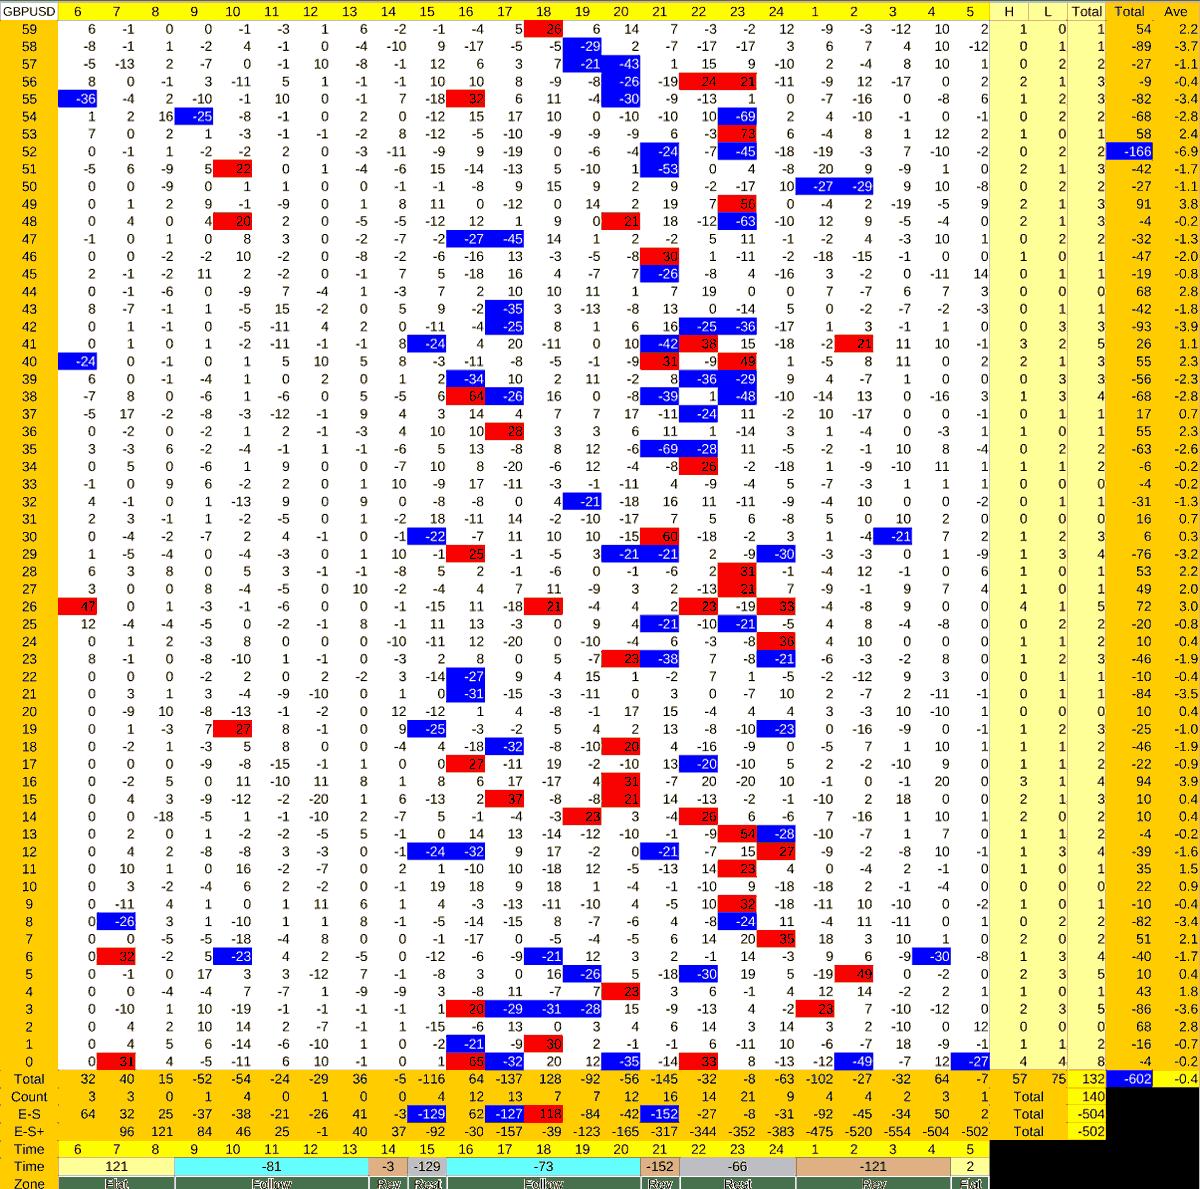 20210826_HS(2)GBPUSD-min